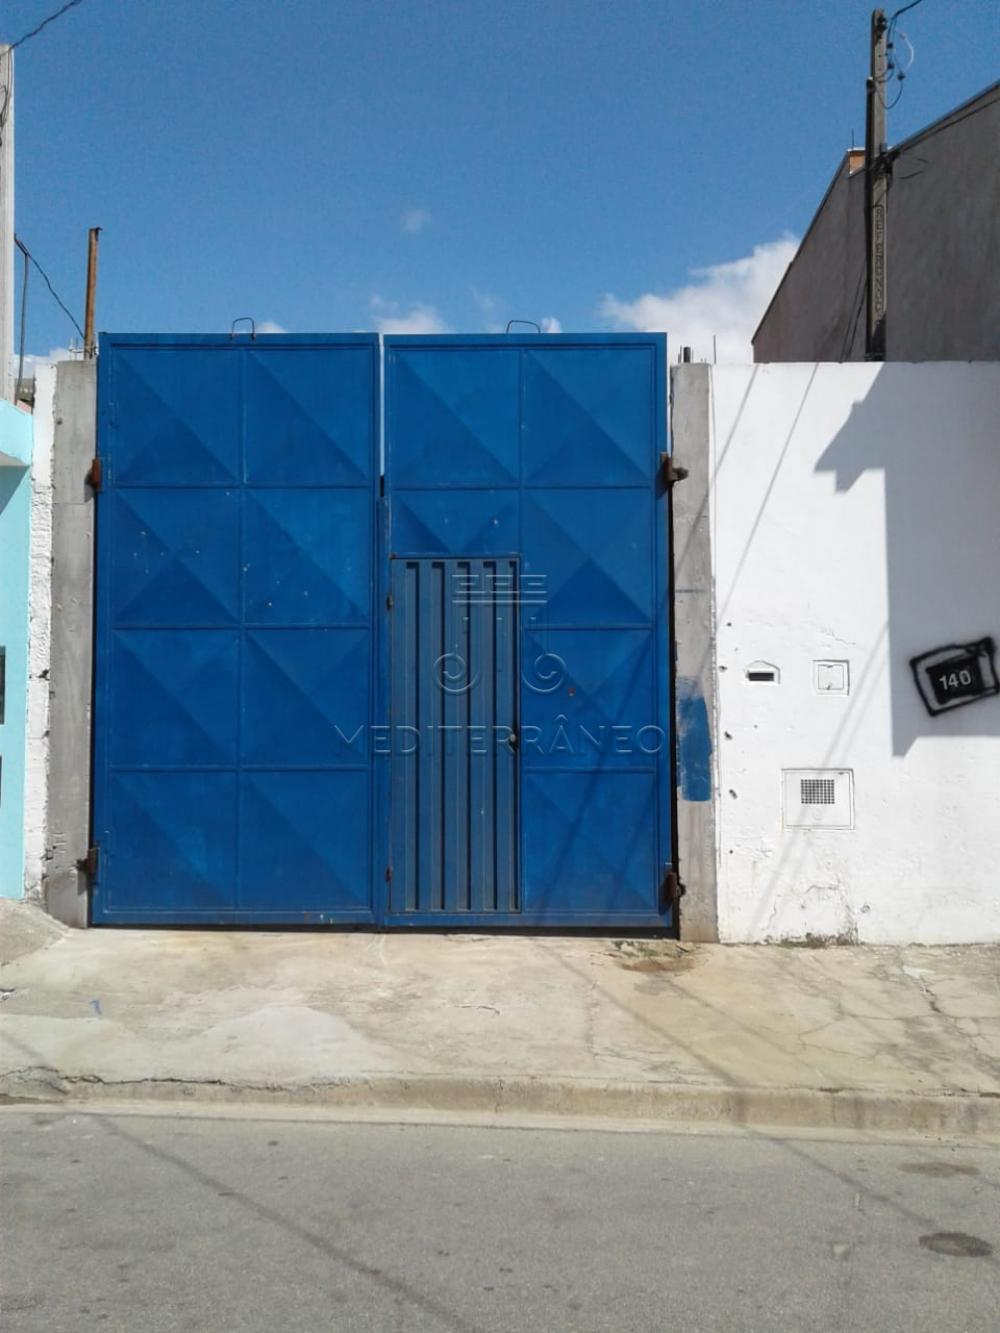 Alugar Comercial / Salão em Jundiaí apenas R$ 2.000,00 - Foto 13